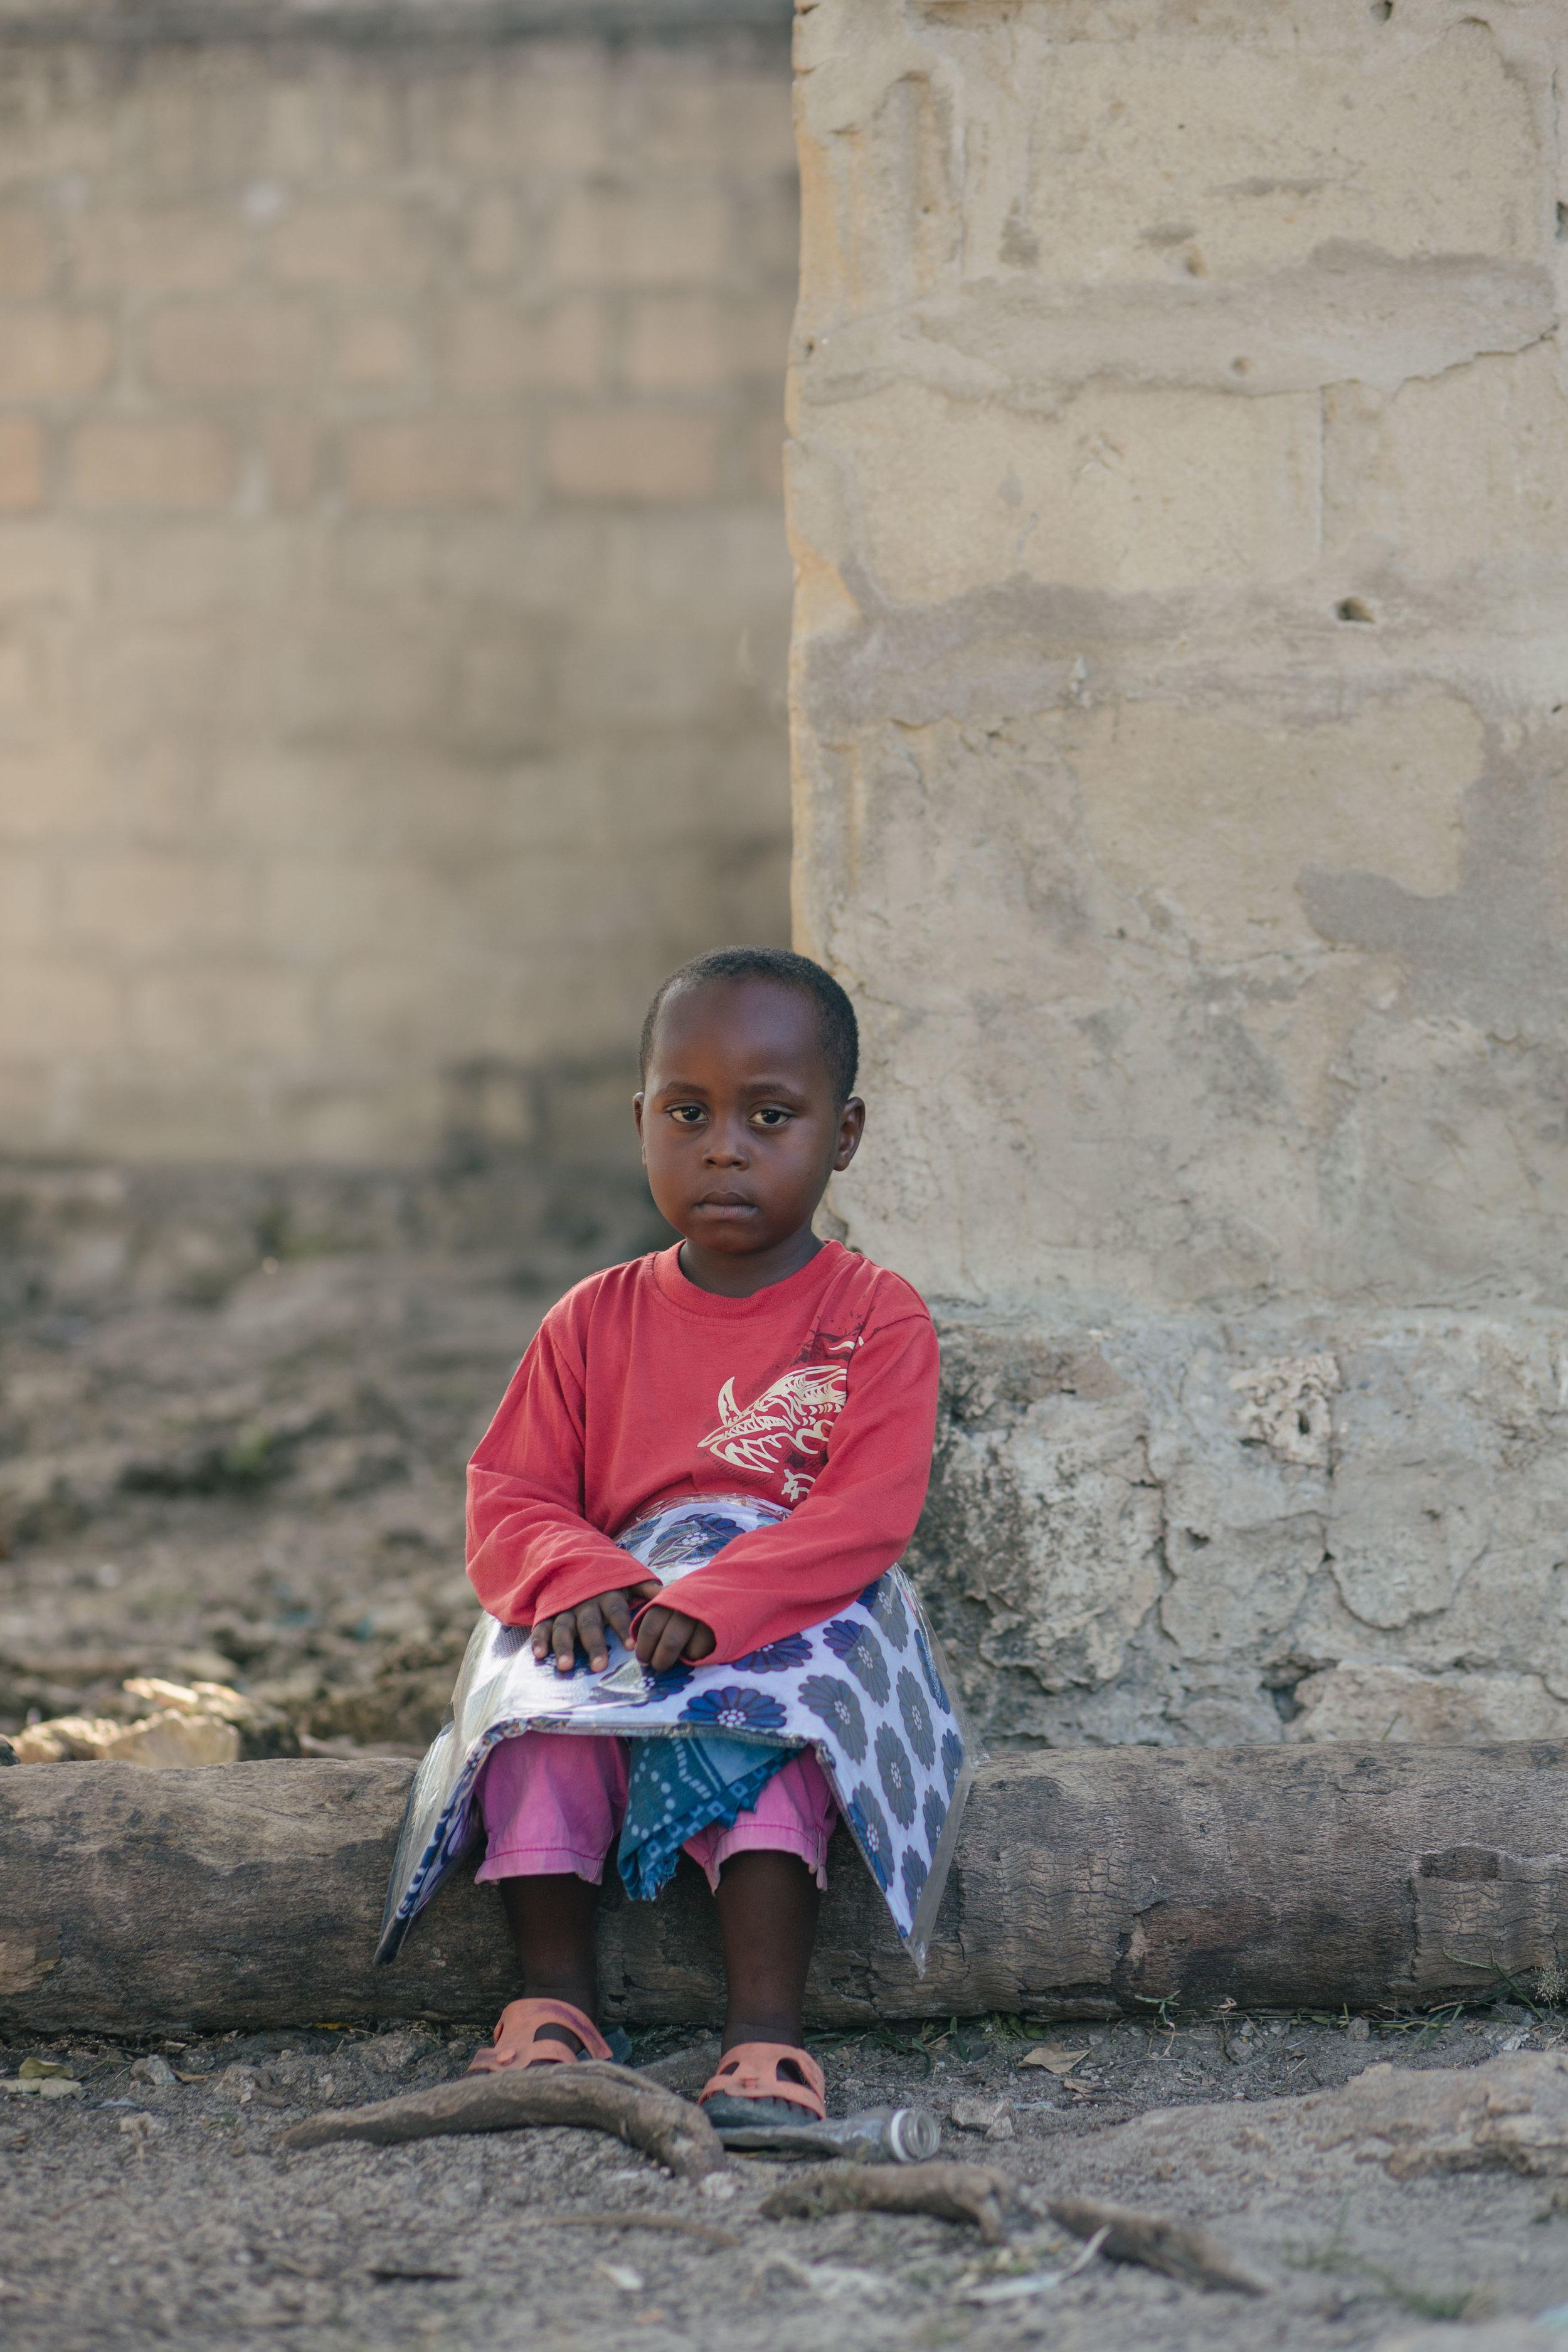 Muna_Ally_Zanzibar (6 of 10).jpg